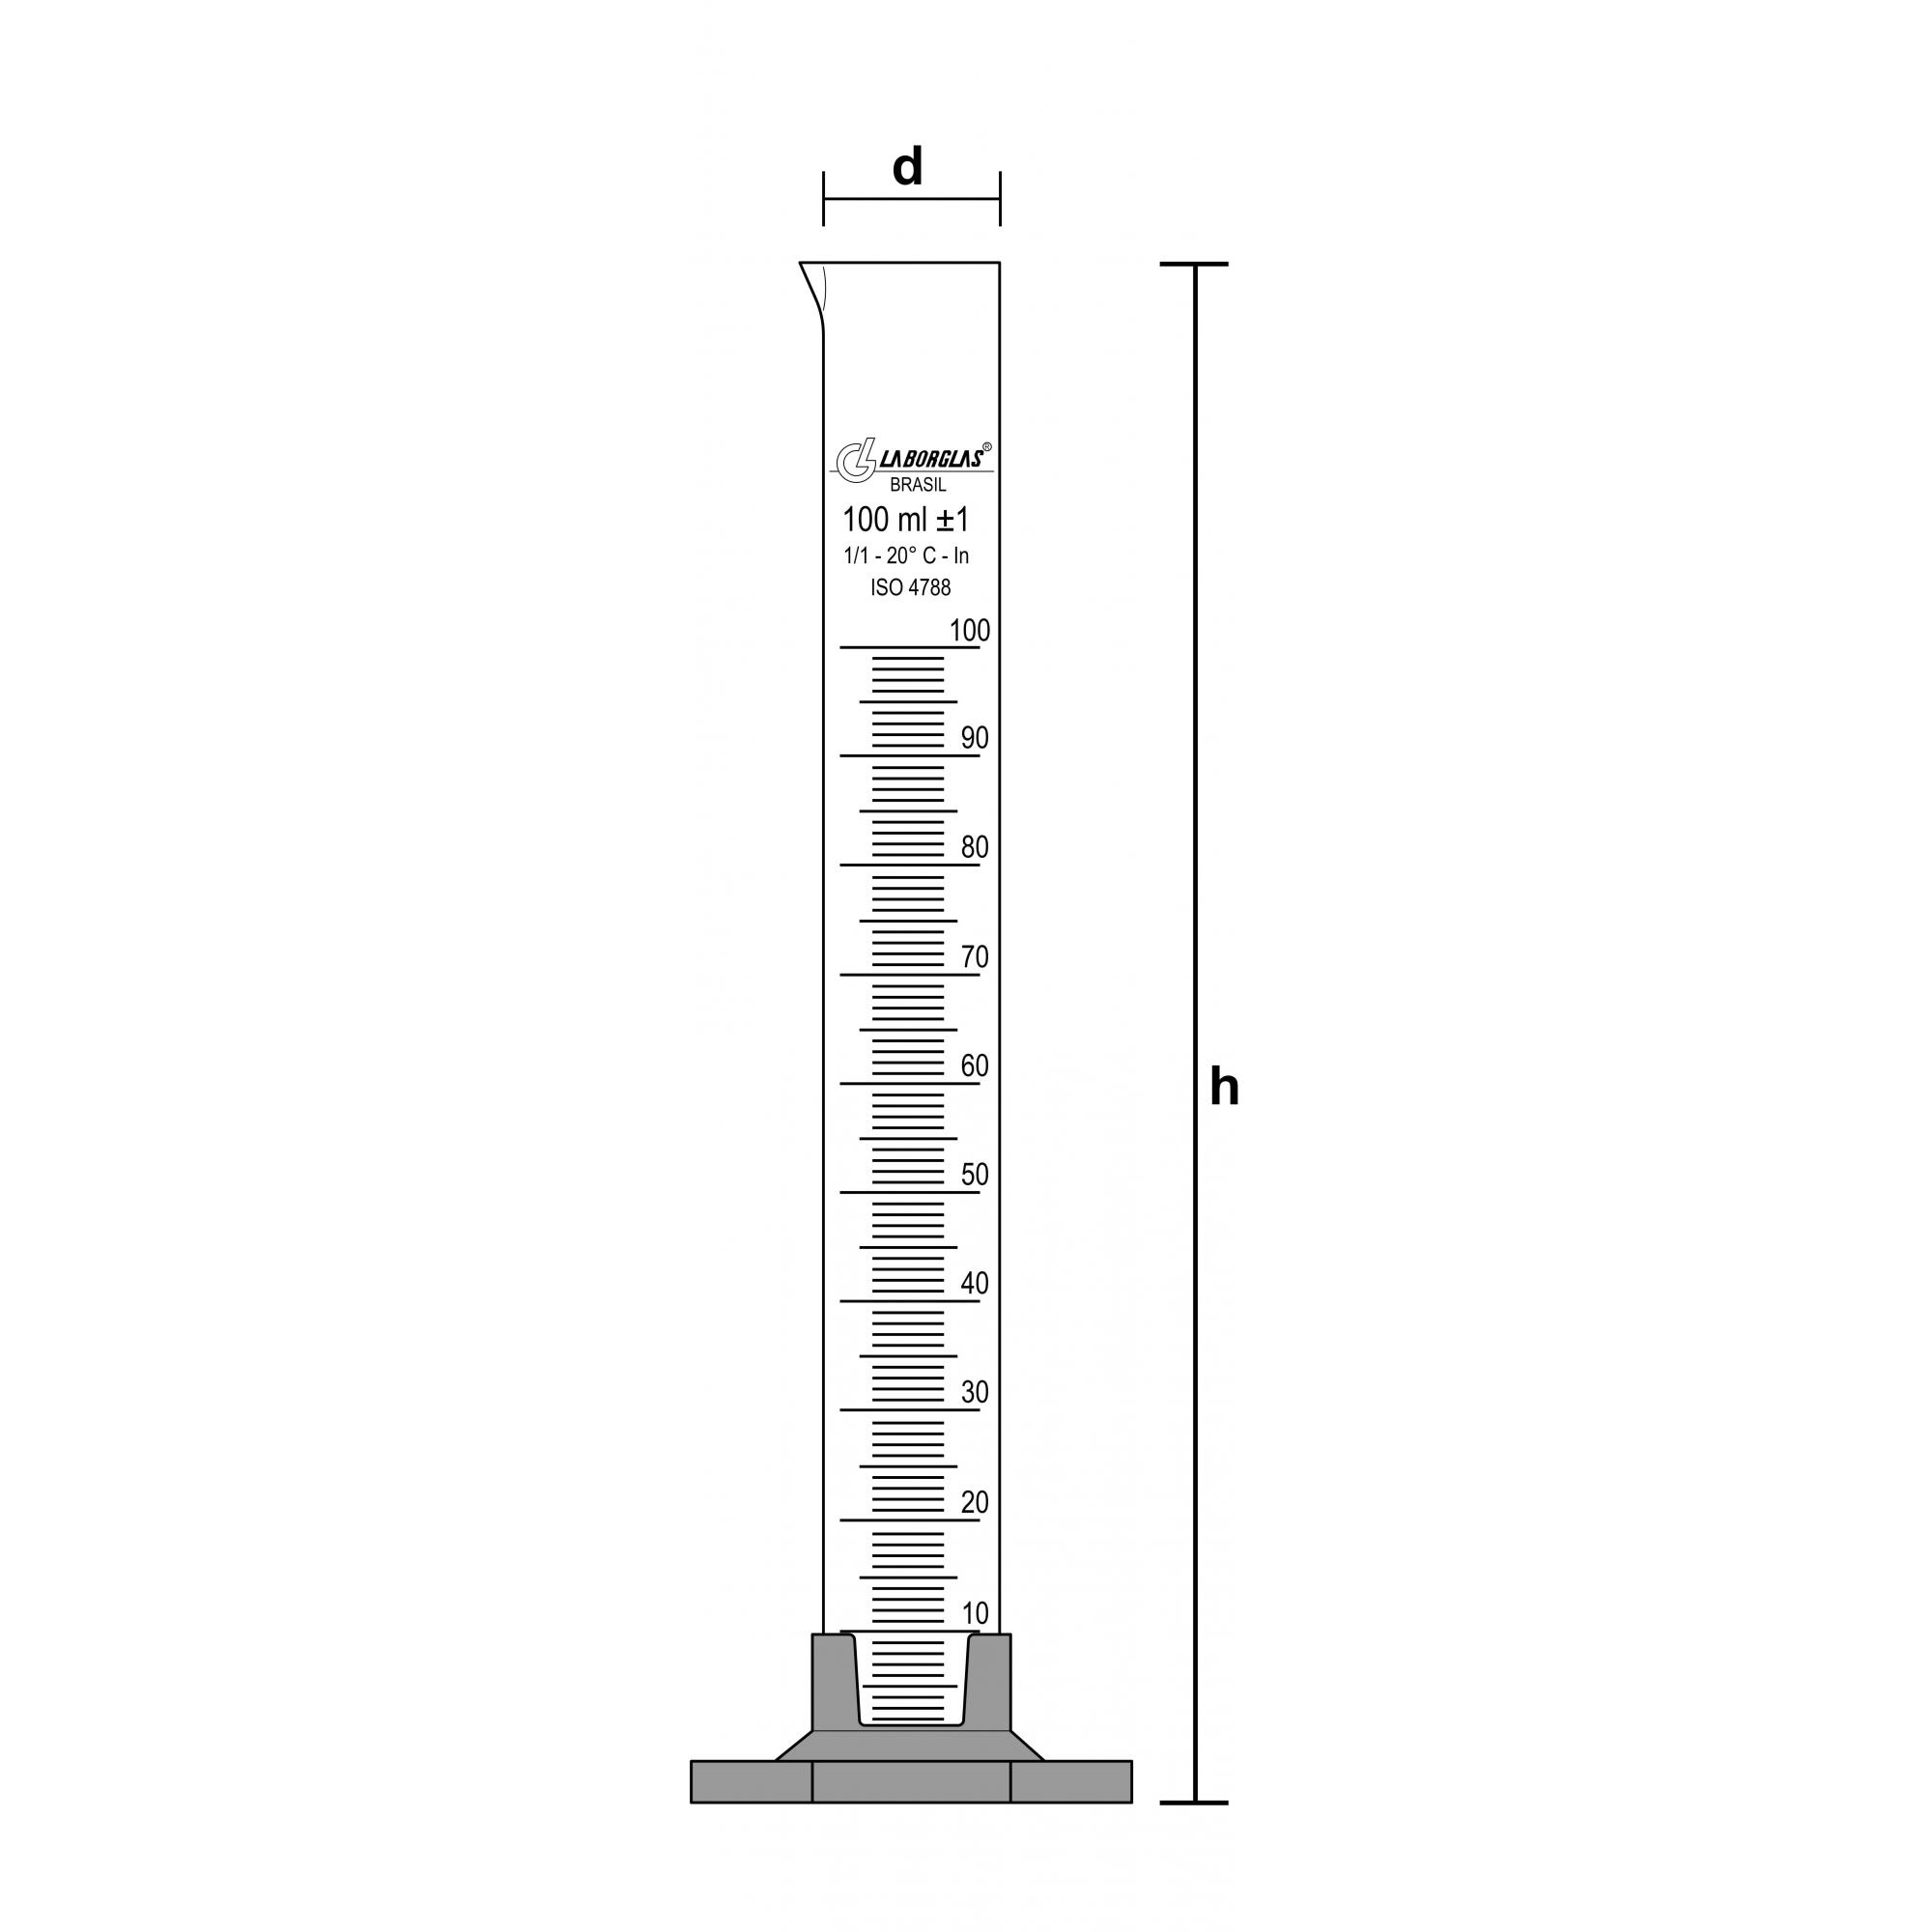 PROVETA GRADUADA BASE HEXAGONAL DE POLIPROPILENO 500 ML - Laborglas - Cód. 9138644